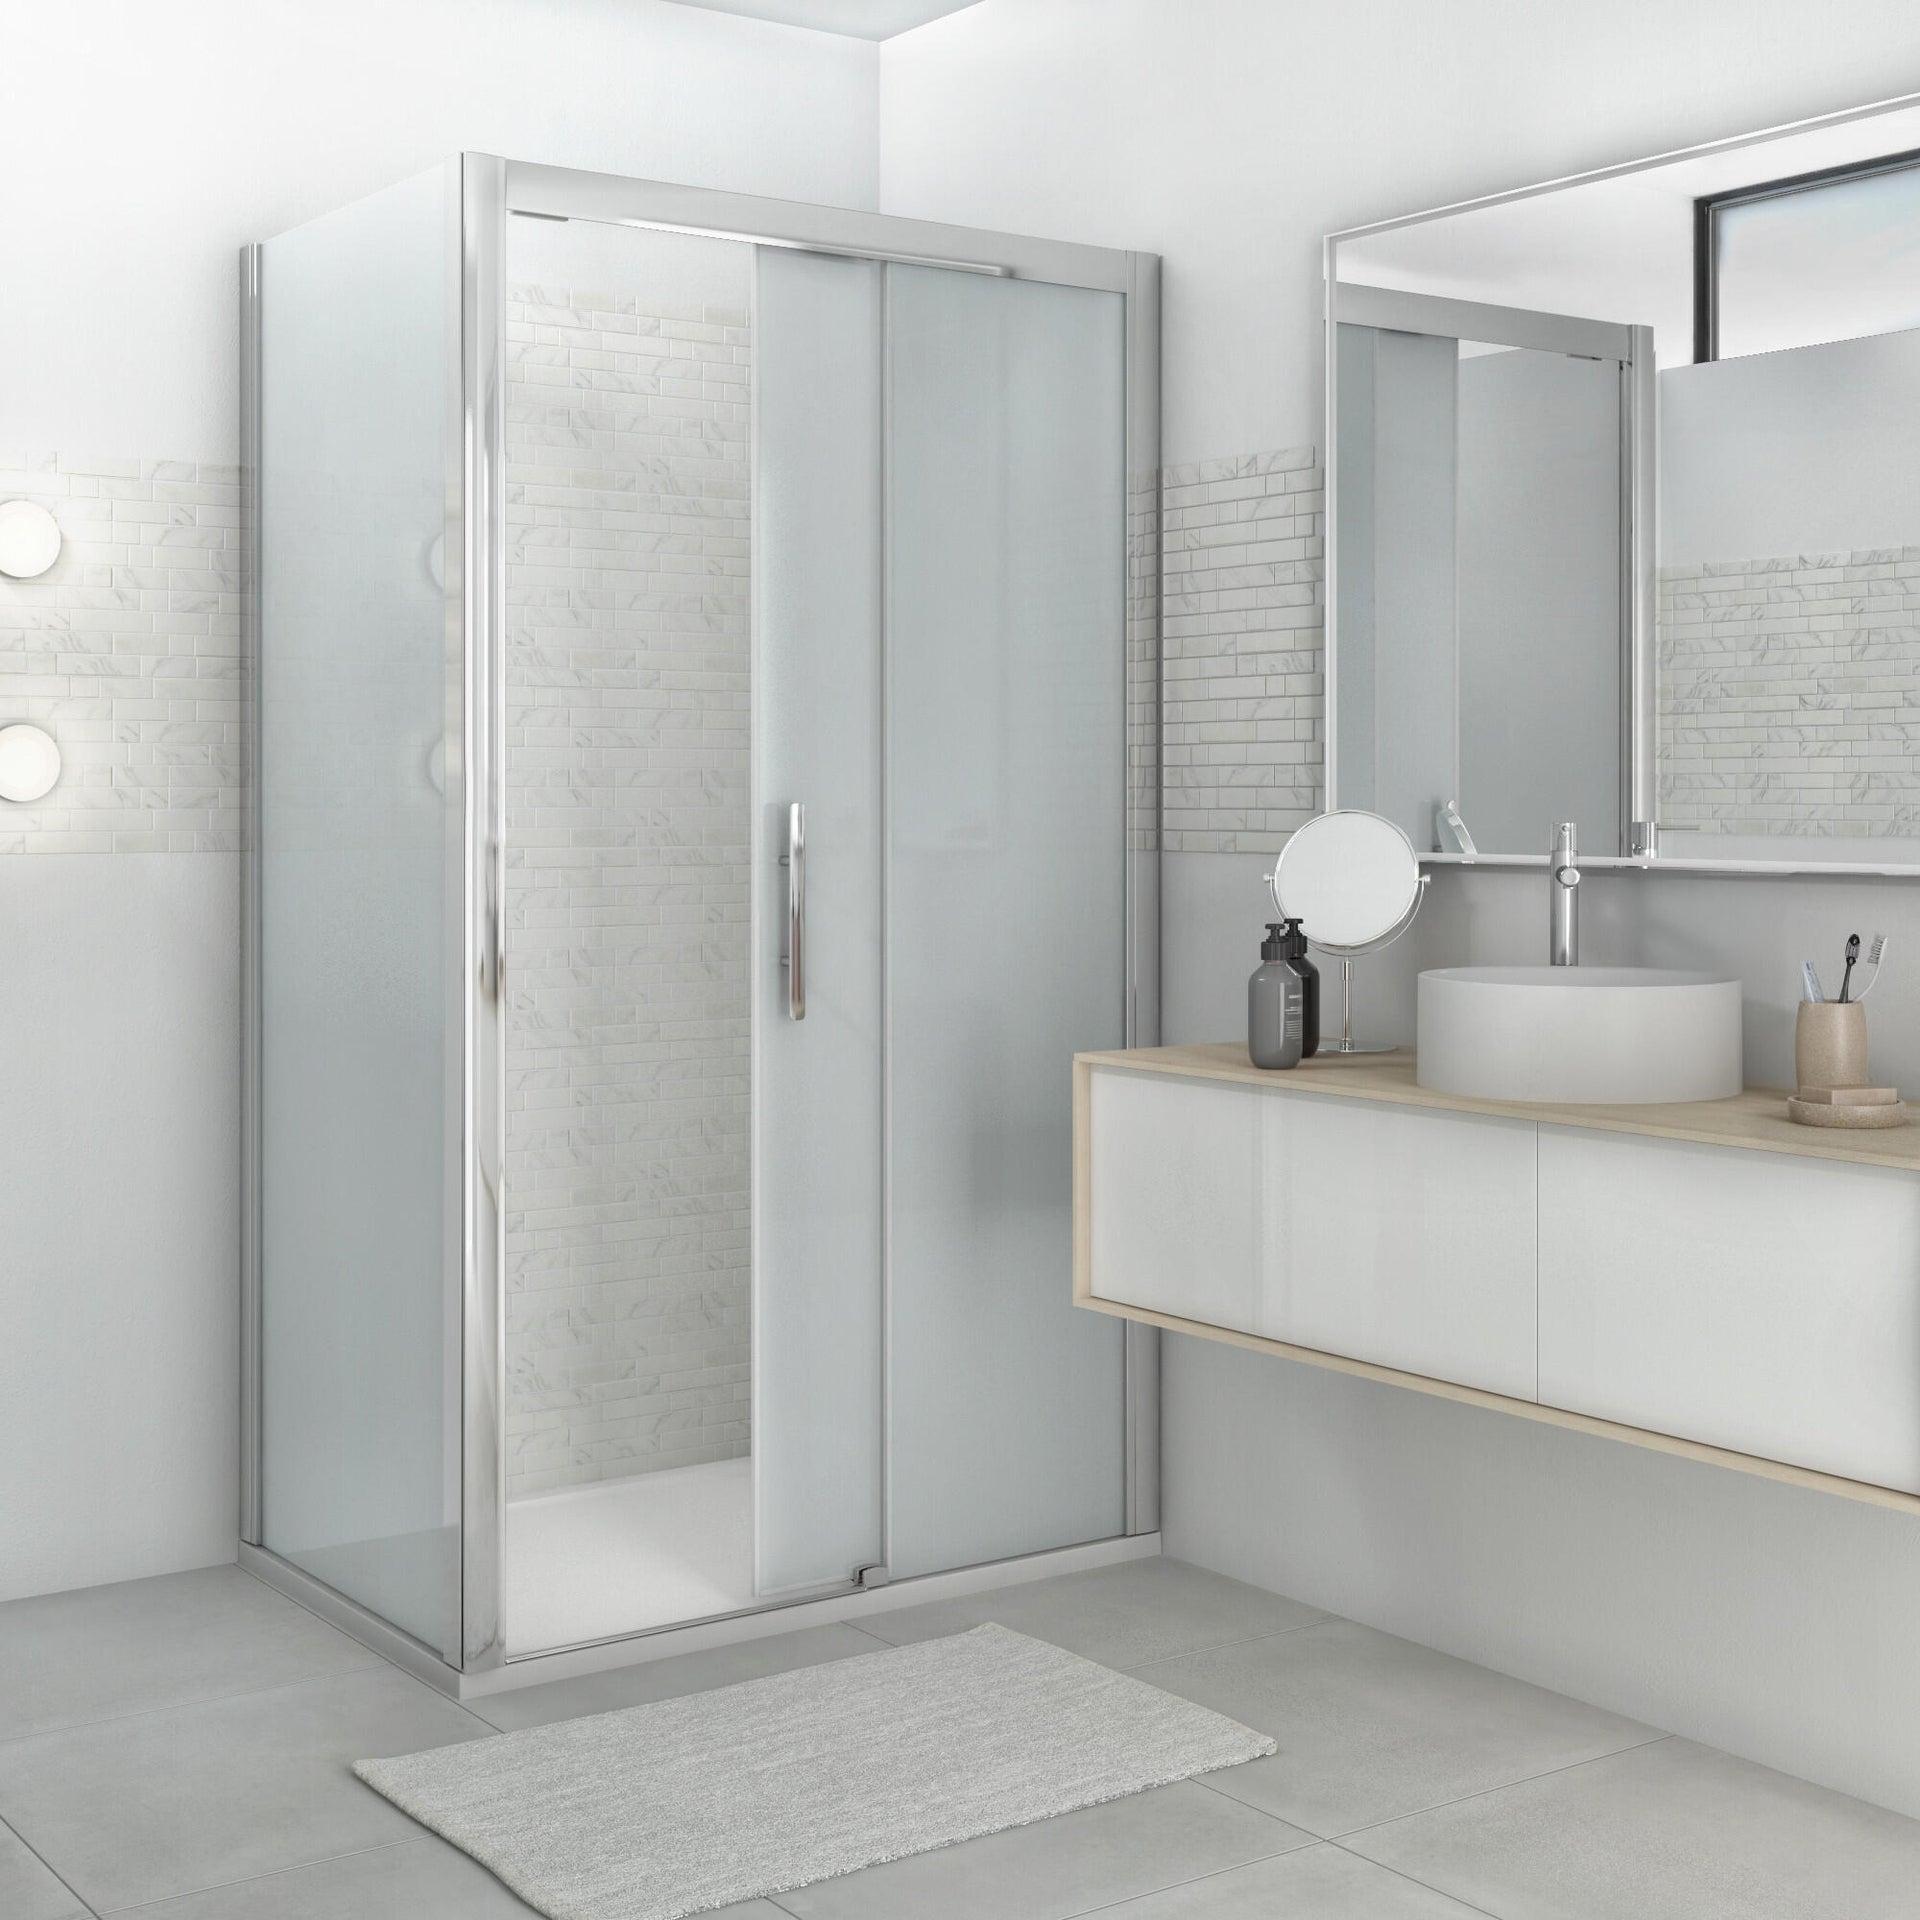 Piatto doccia resina sintetica e polvere di marmo Easy 80 x 120 cm bianco - 5